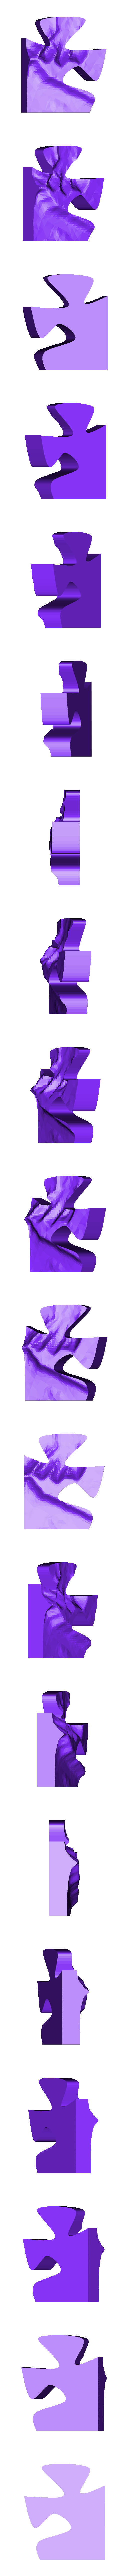 07.stl Télécharger fichier STL gratuit Echelle épique - Terrain - Zion NP • Objet à imprimer en 3D, TCP491016